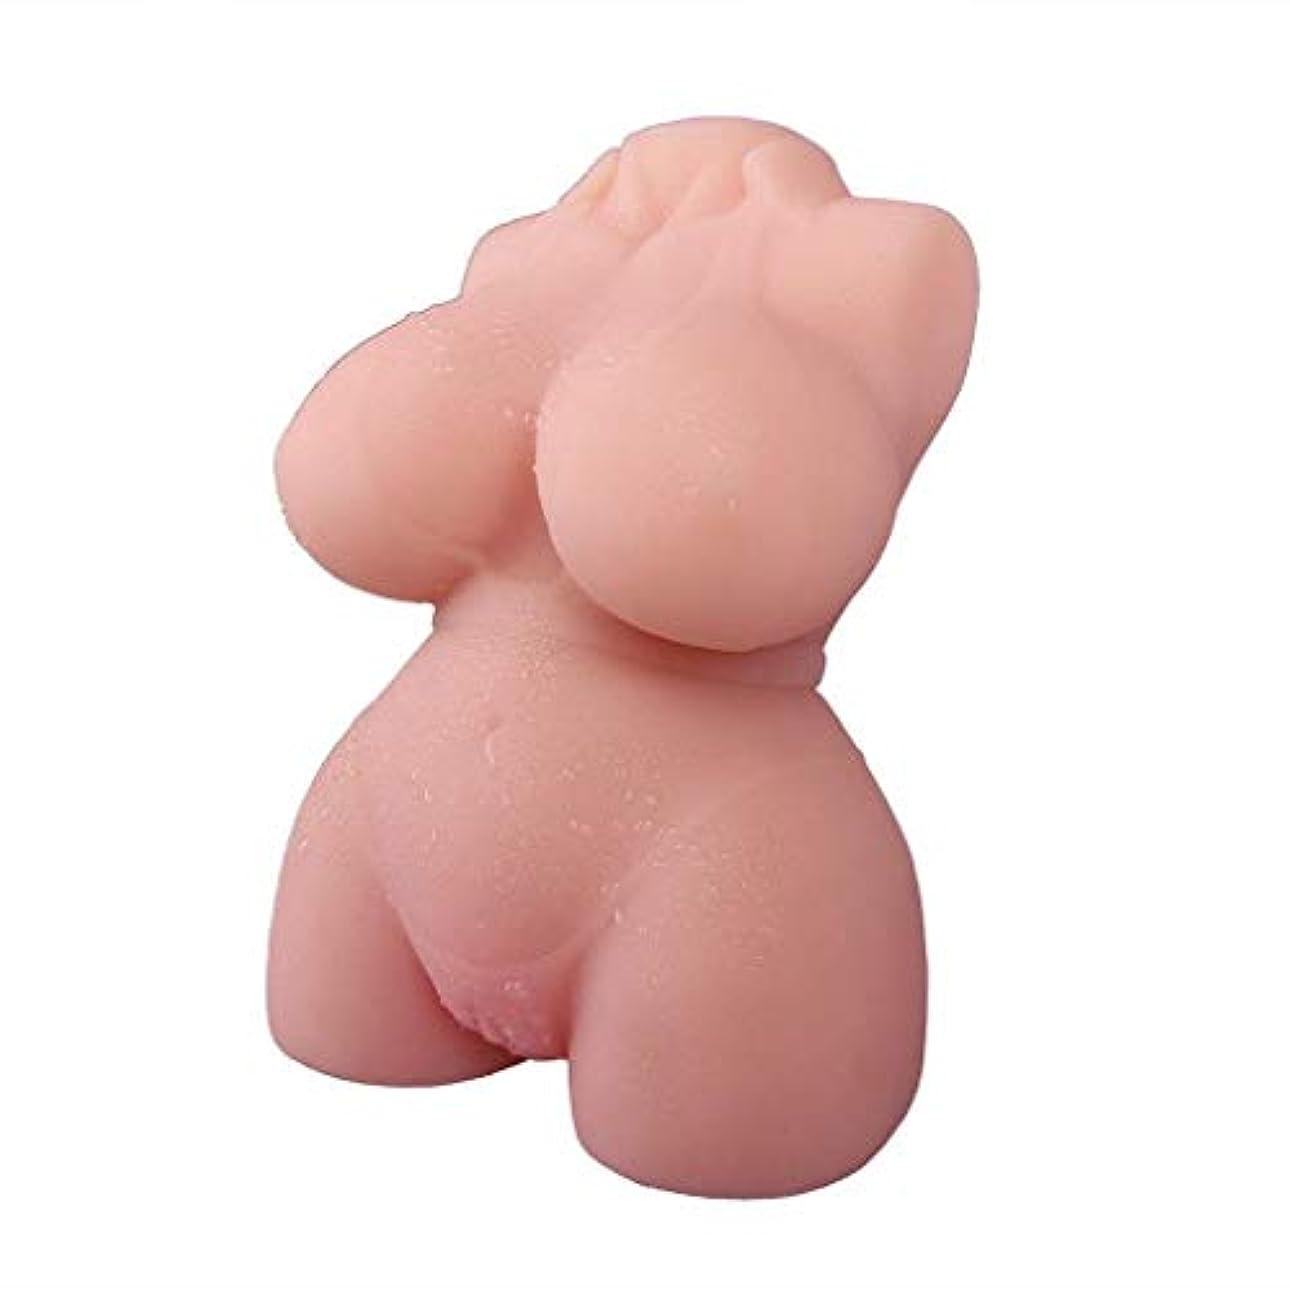 どのくらいの頻度で無数のシャッフルオーラルセクシーなリアルな実スキンボディトルソーサイズの女性大人のおもちゃ